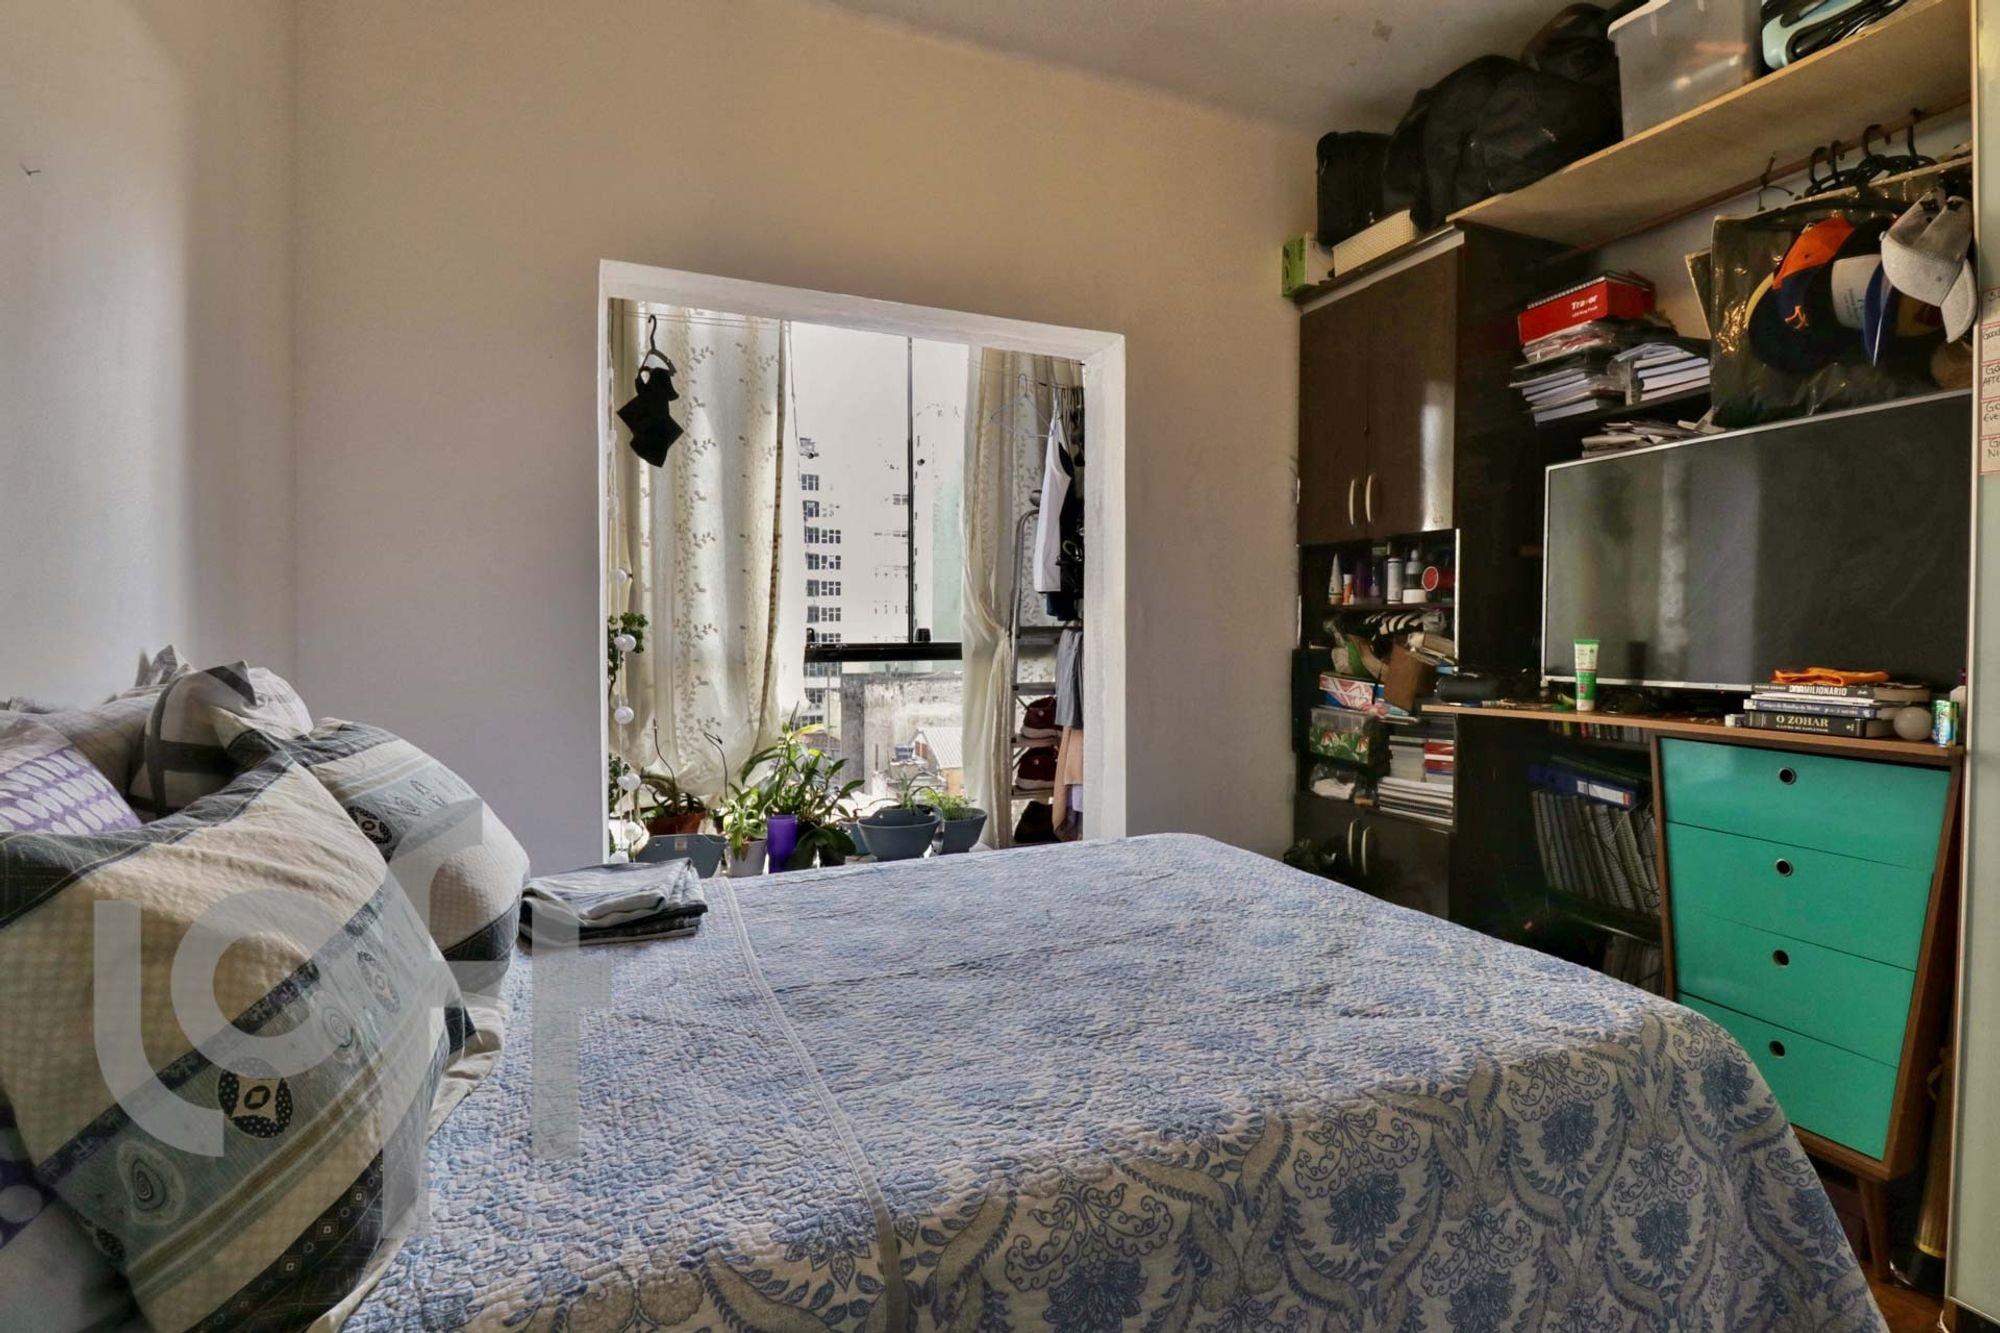 Foto de Quarto com vaso de planta, cama, televisão, livro